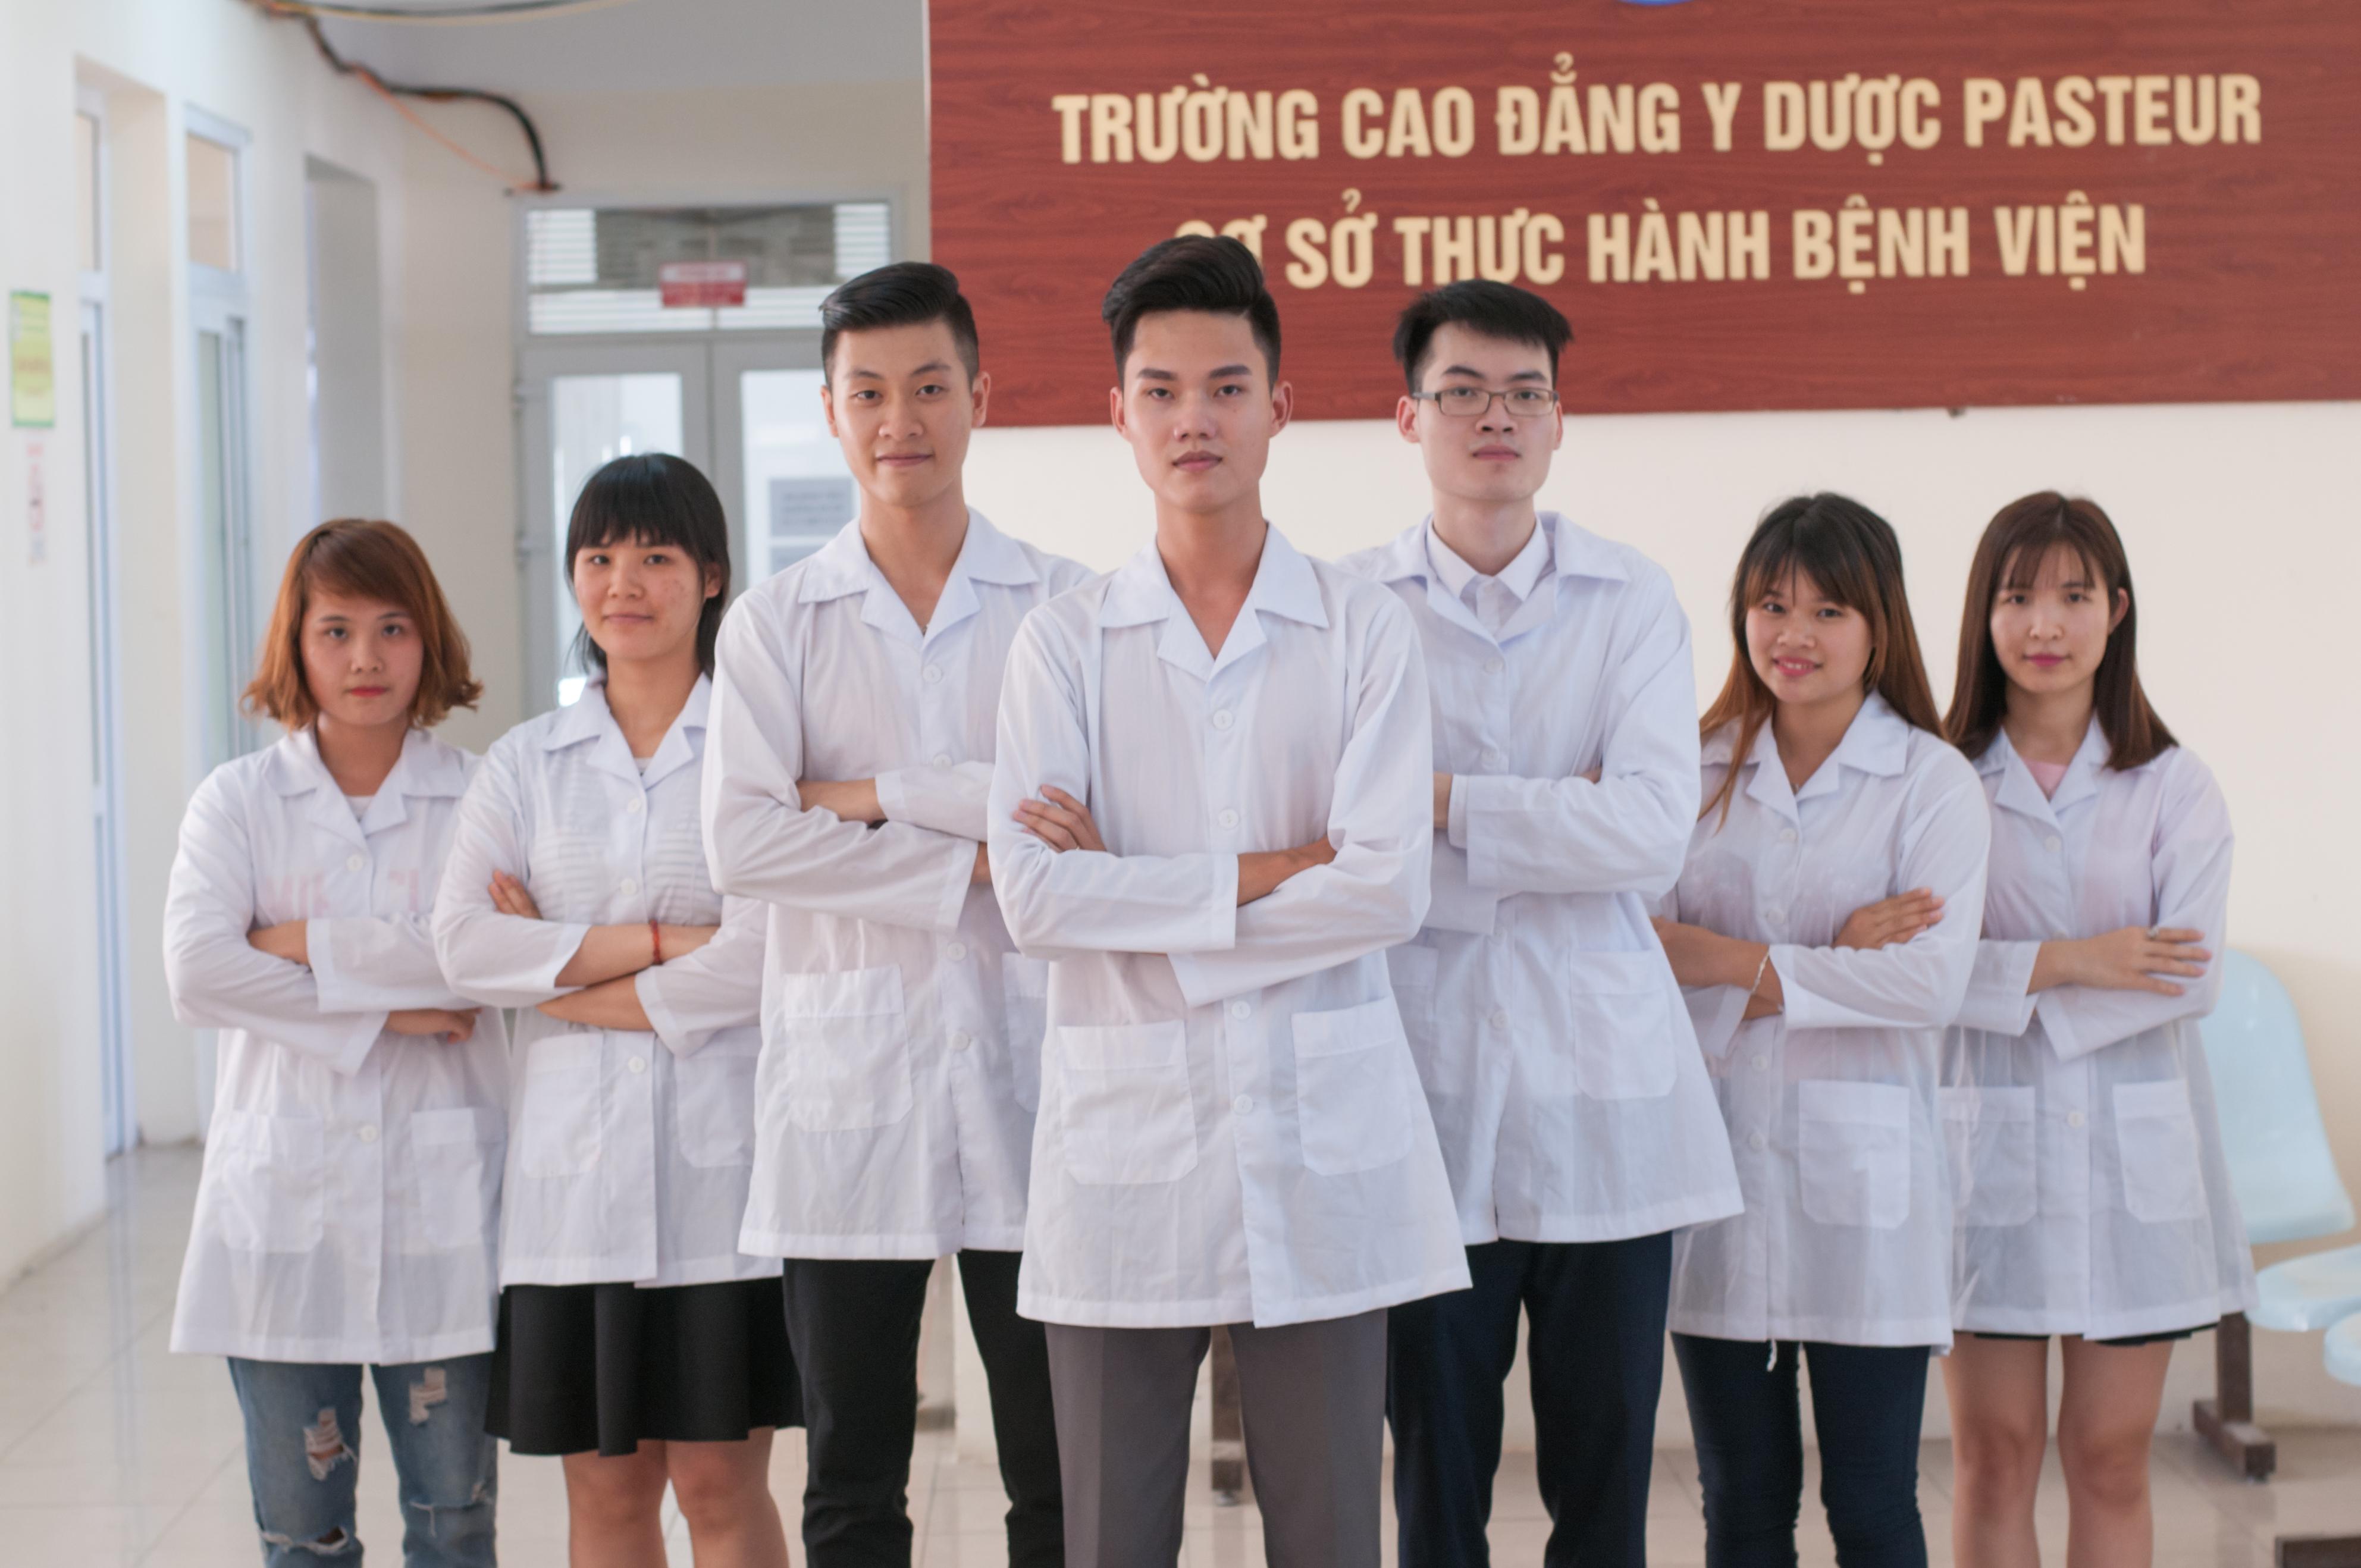 Điểm chuẩn Trường Cao đẳng Y Dược Pasteur năm 2018 là bao nhiêu?